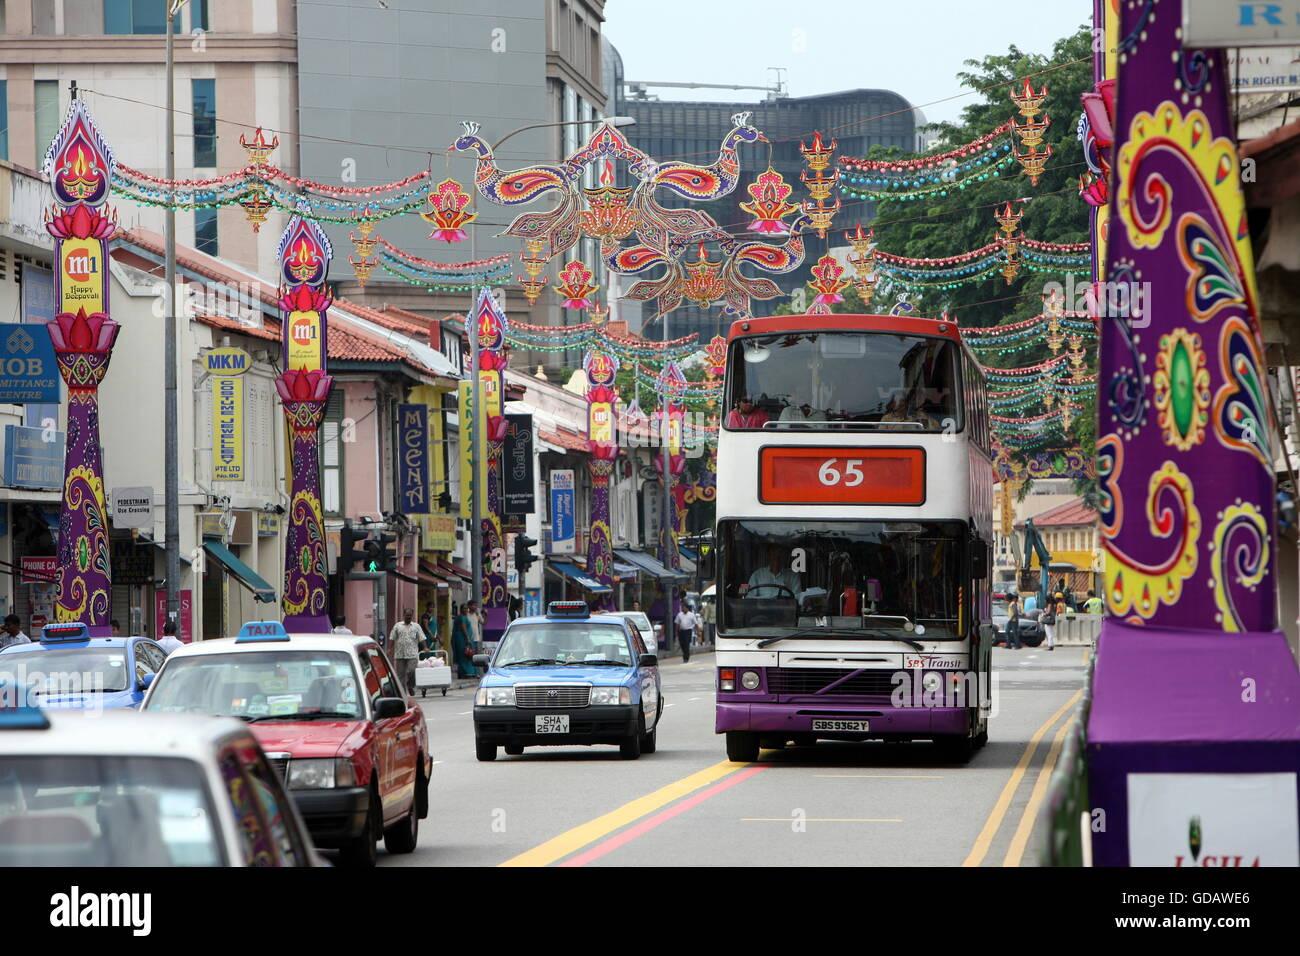 Asien, Suedost, Singapur, Insel, Staat, Stadt, City, Little India, Marktstrasse, Markt,  Gasse, Alltag, Wirtschaft, - Stock Image